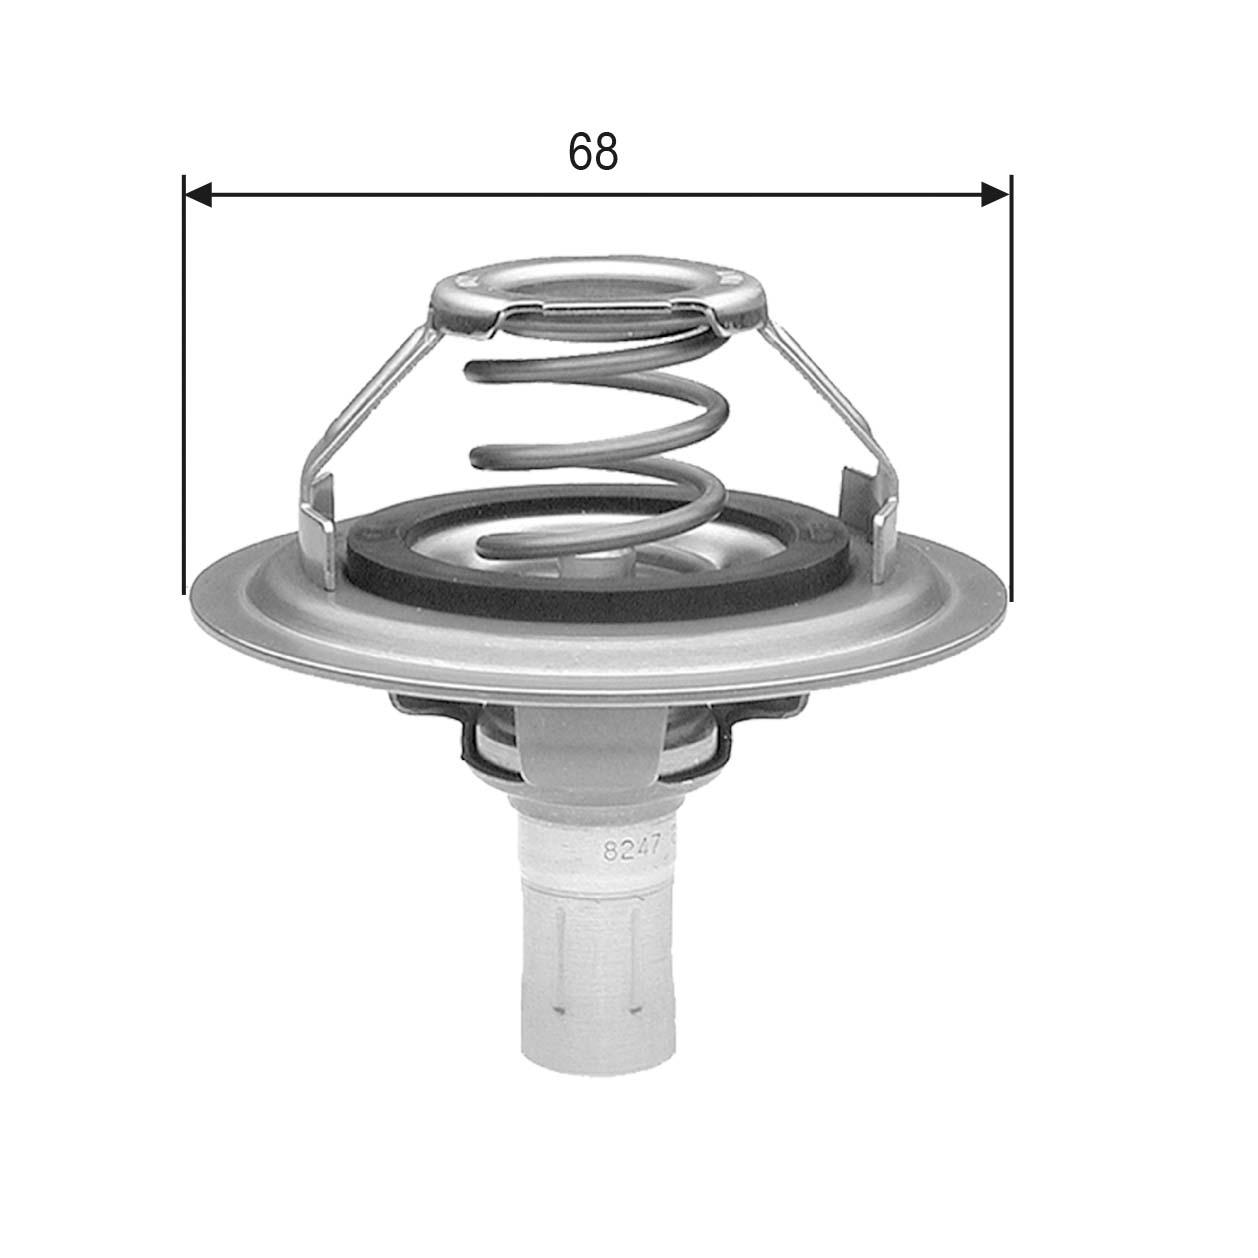 thermostat d 39 eau pour peugeot 605 6b 2 1 td 12v 109cv wda. Black Bedroom Furniture Sets. Home Design Ideas